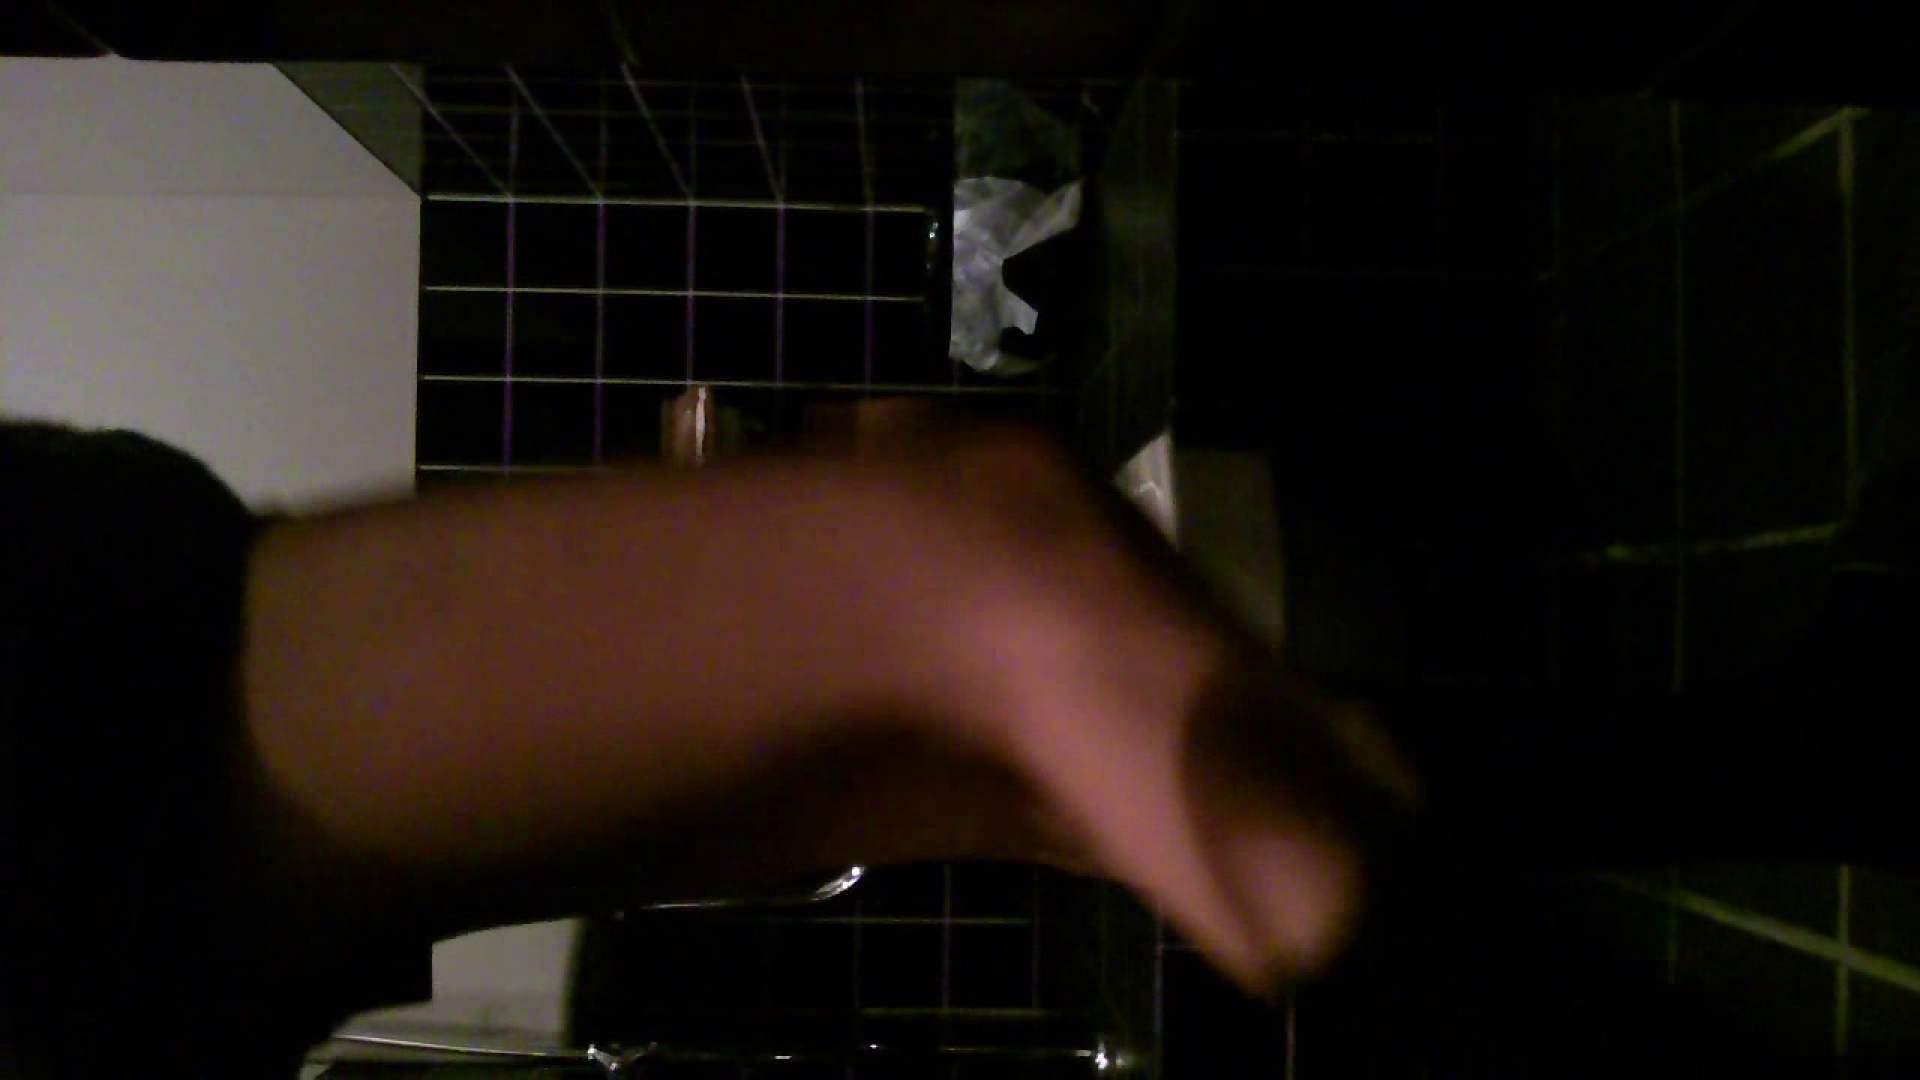 美女の集まる飲み屋洗面所 vol.02 美女エロ画像 | キャバ嬢エロ画像  99PICs 66